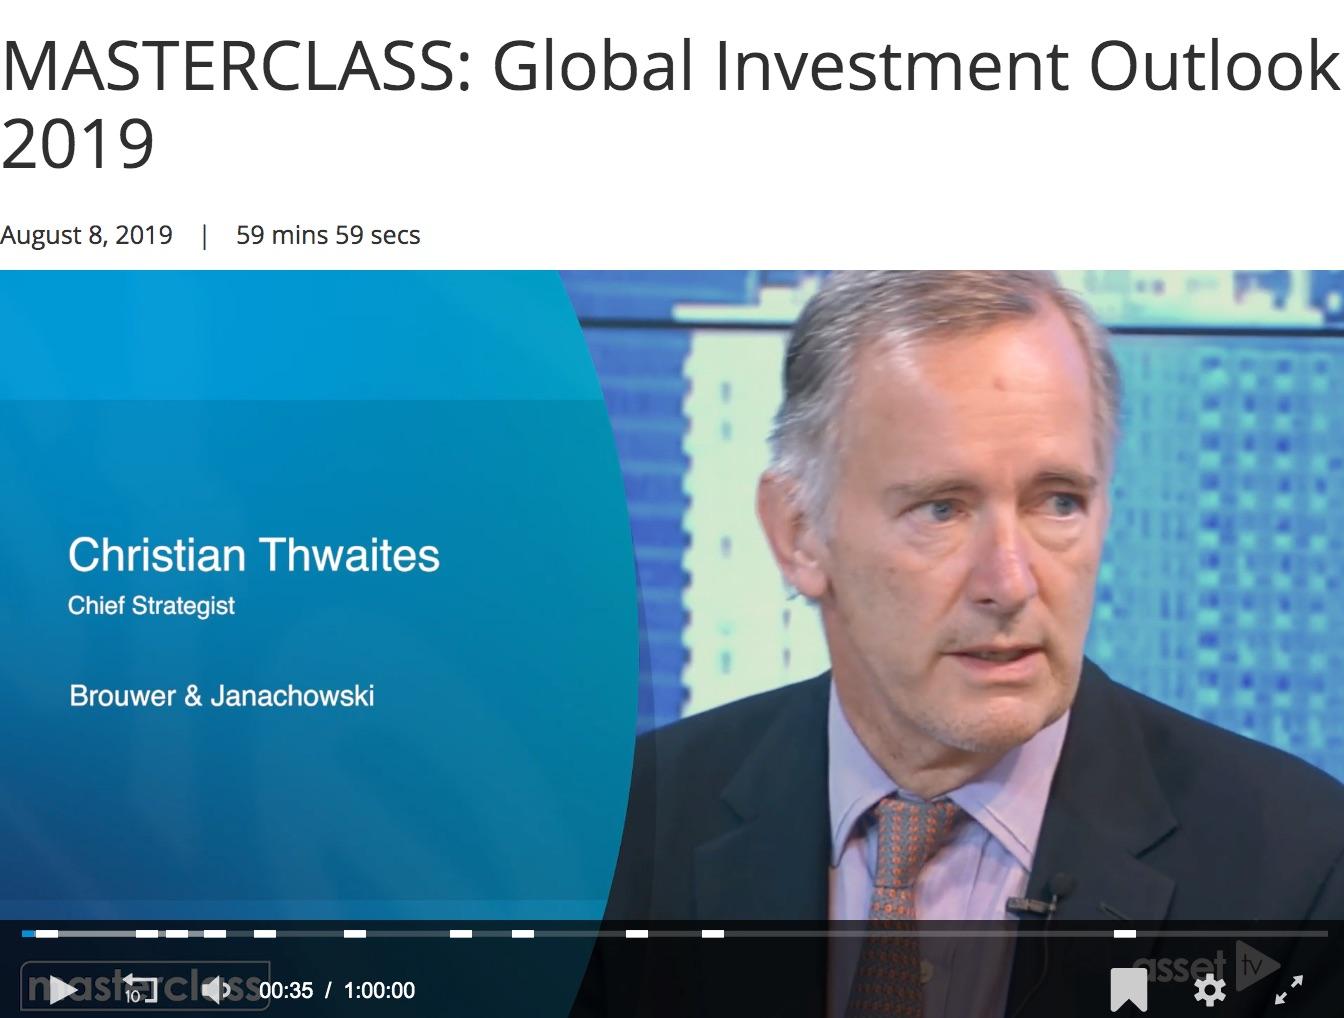 MASTERCLASS__Global_Investment_Outlook_2019___Asset_TV_U_S_.jpg